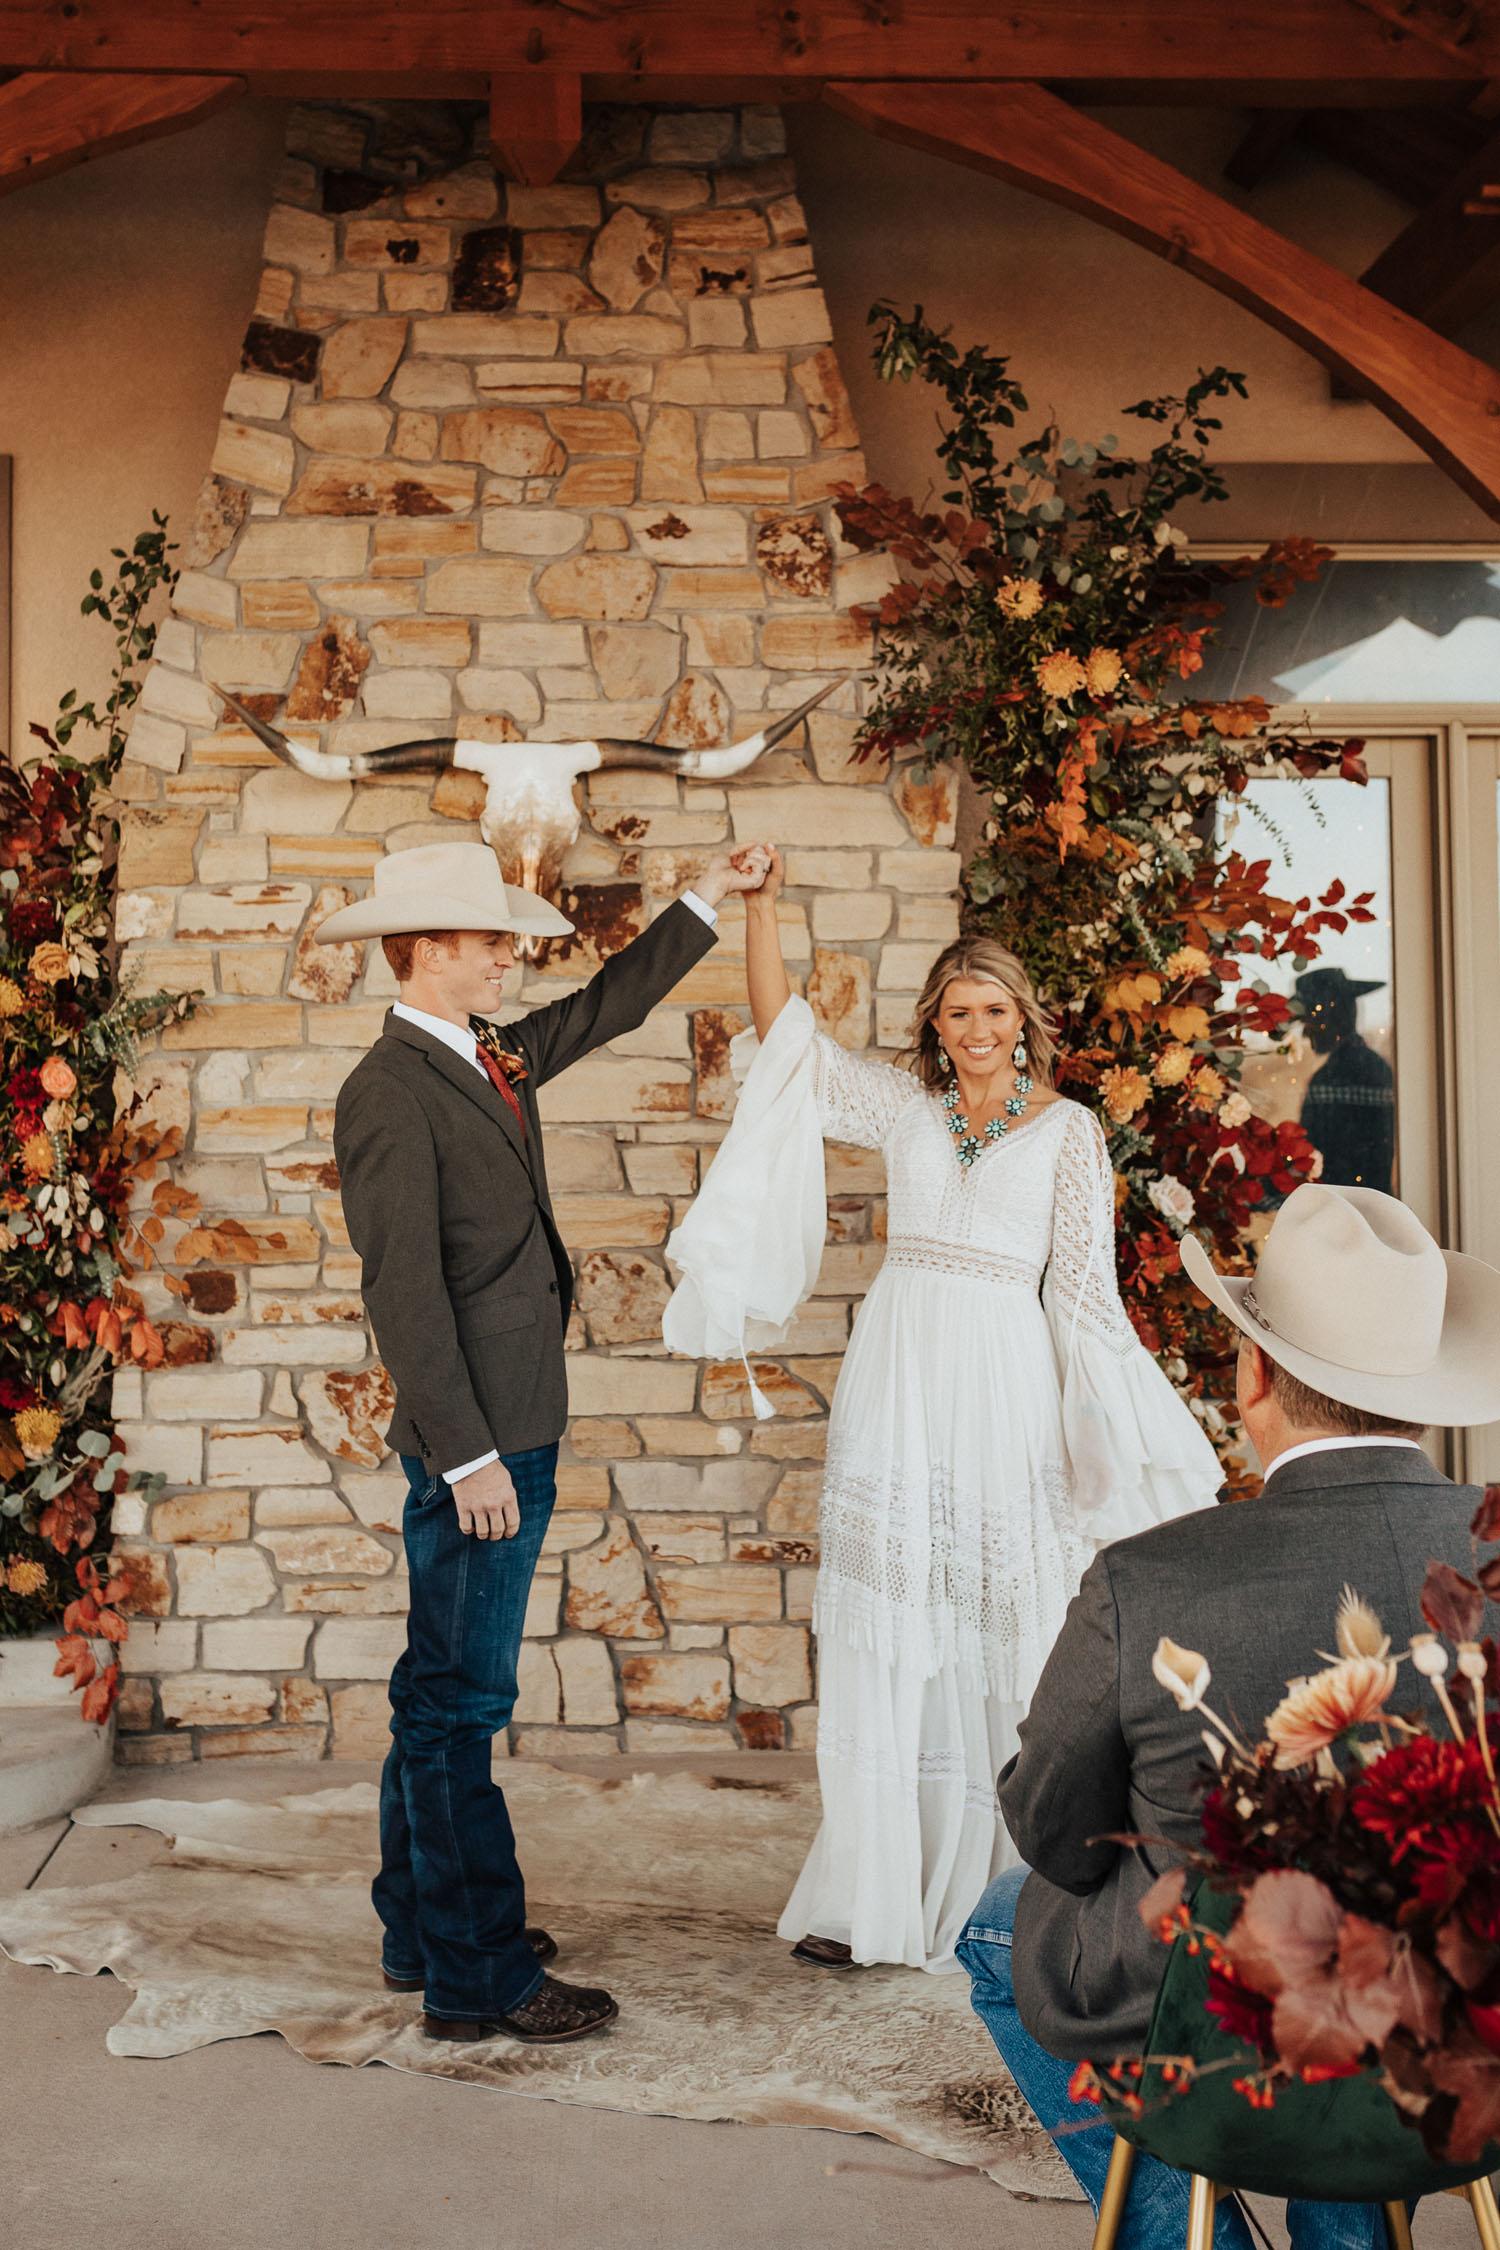 Colorado Cattle Ranch Micro Wedding Ceremony